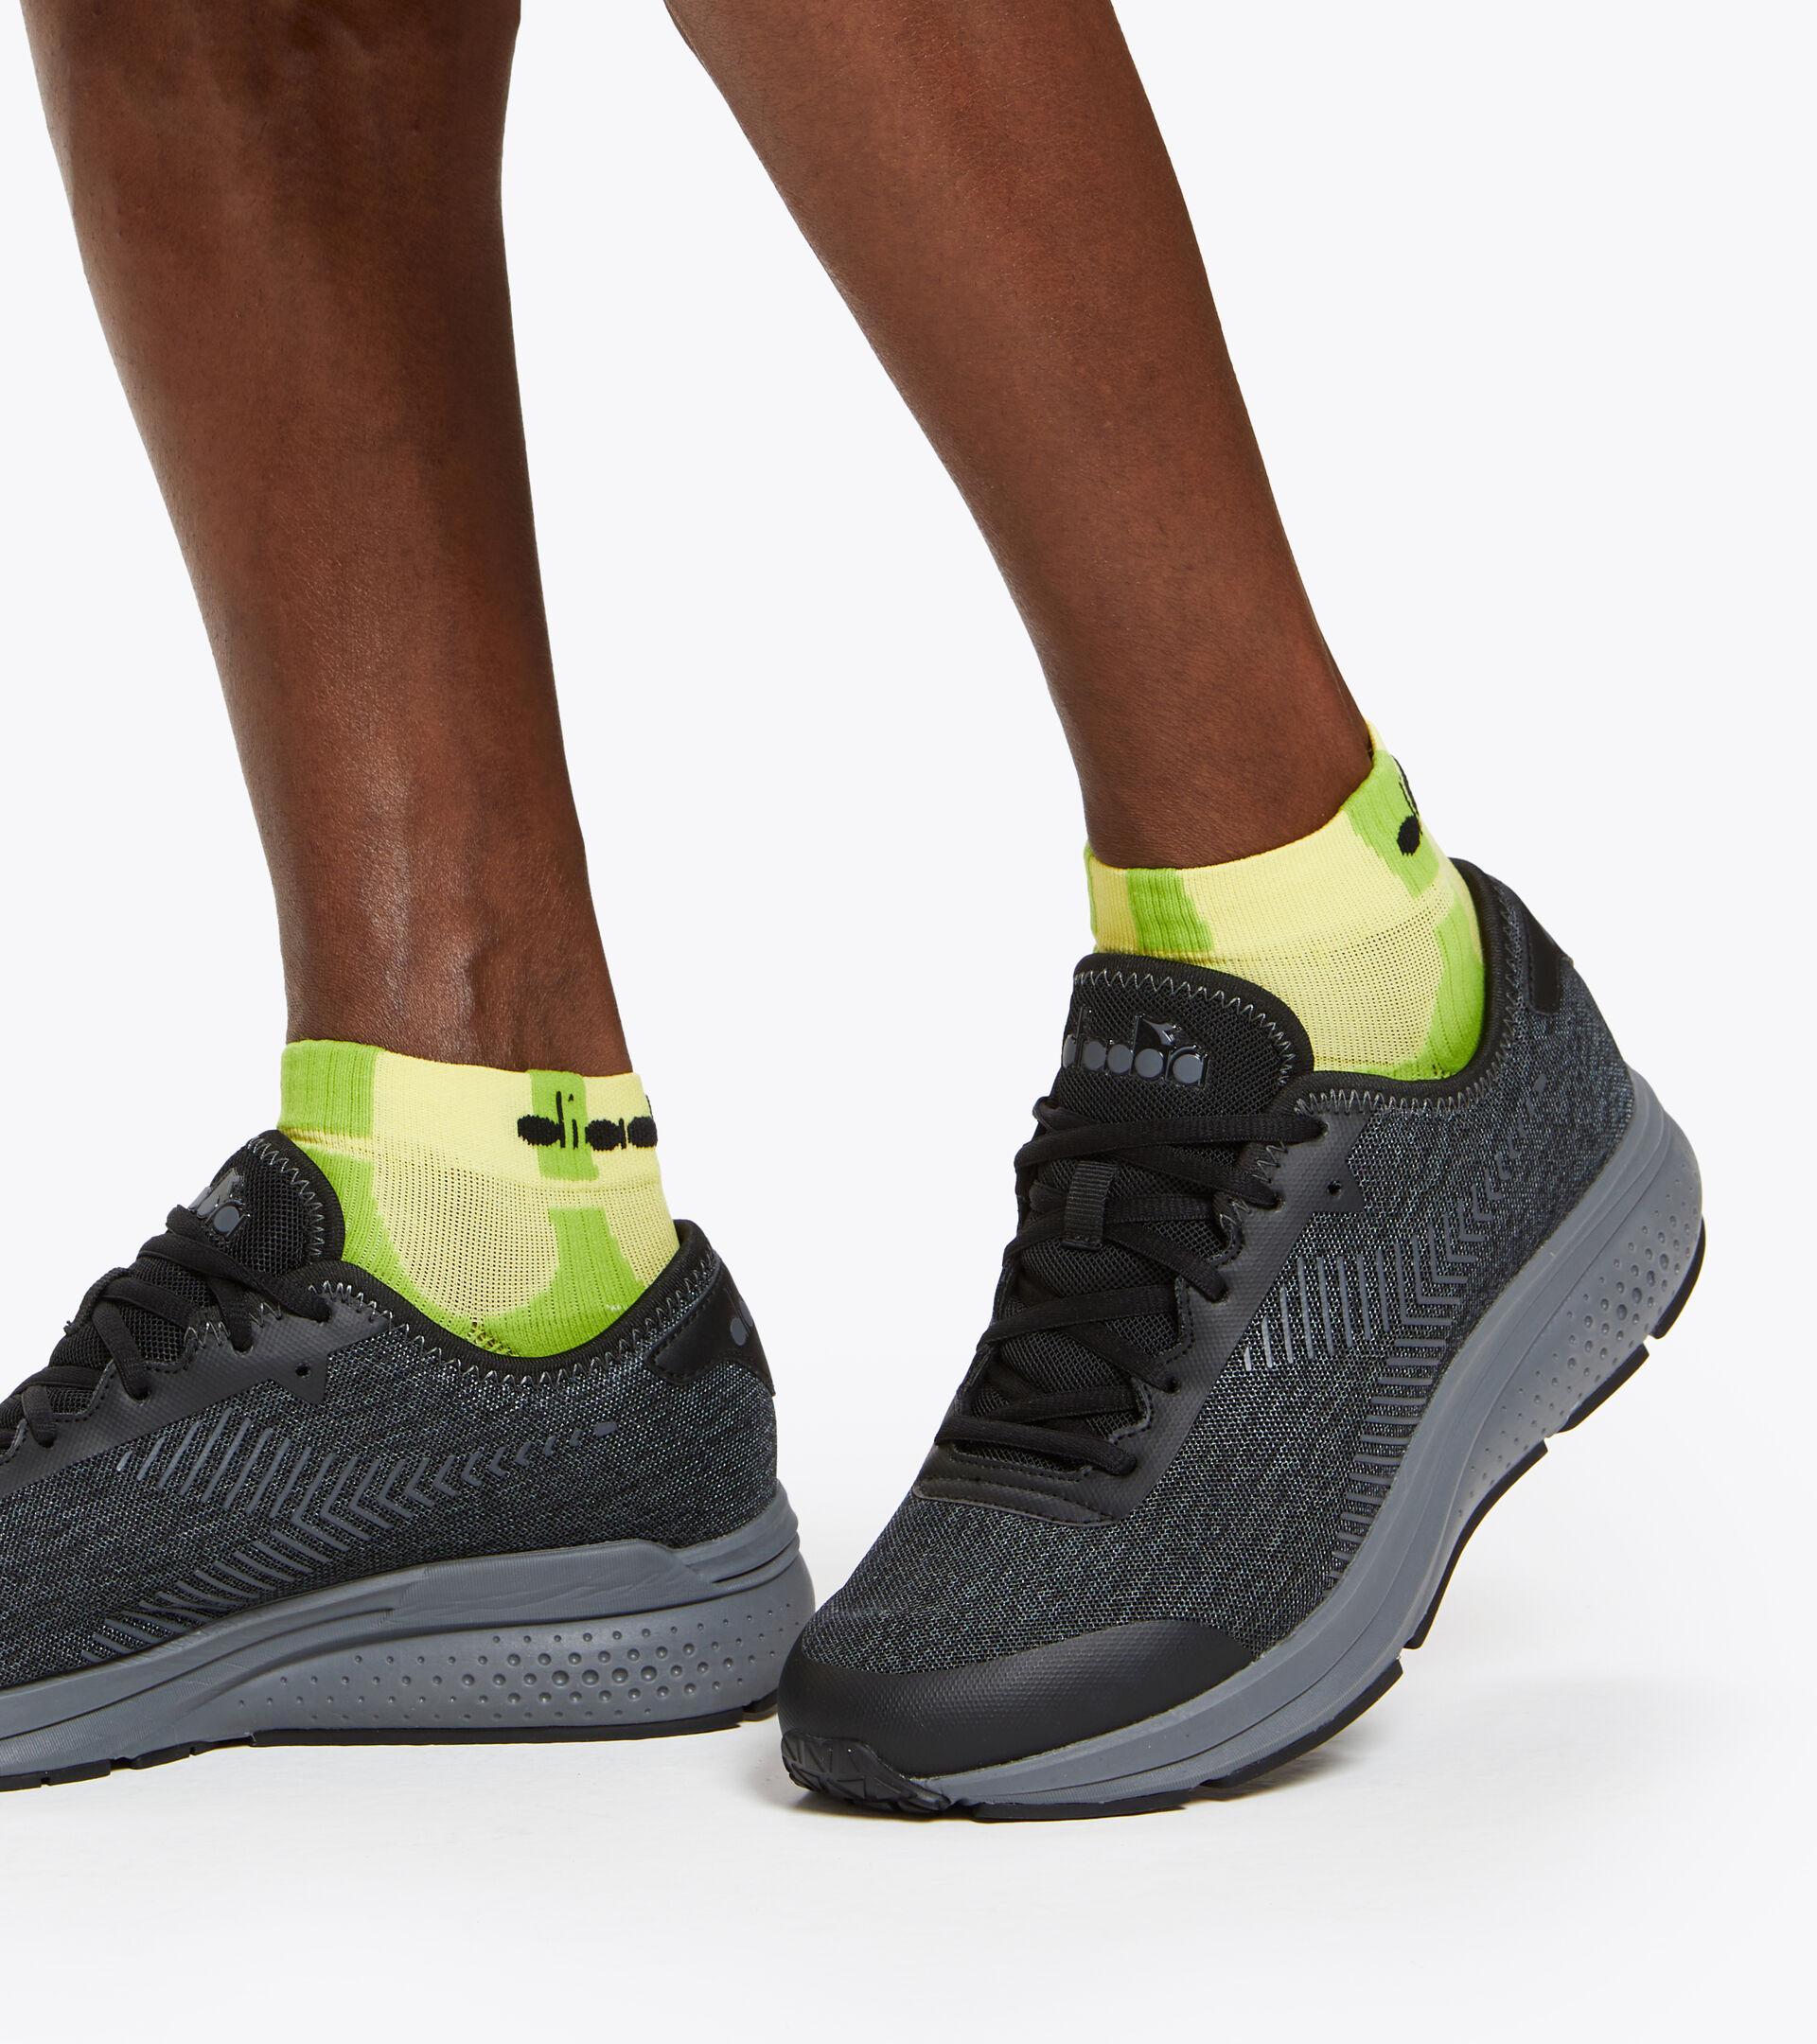 Footwear Sport UOMO PASSO BLACK/STEEL GRAY Diadora